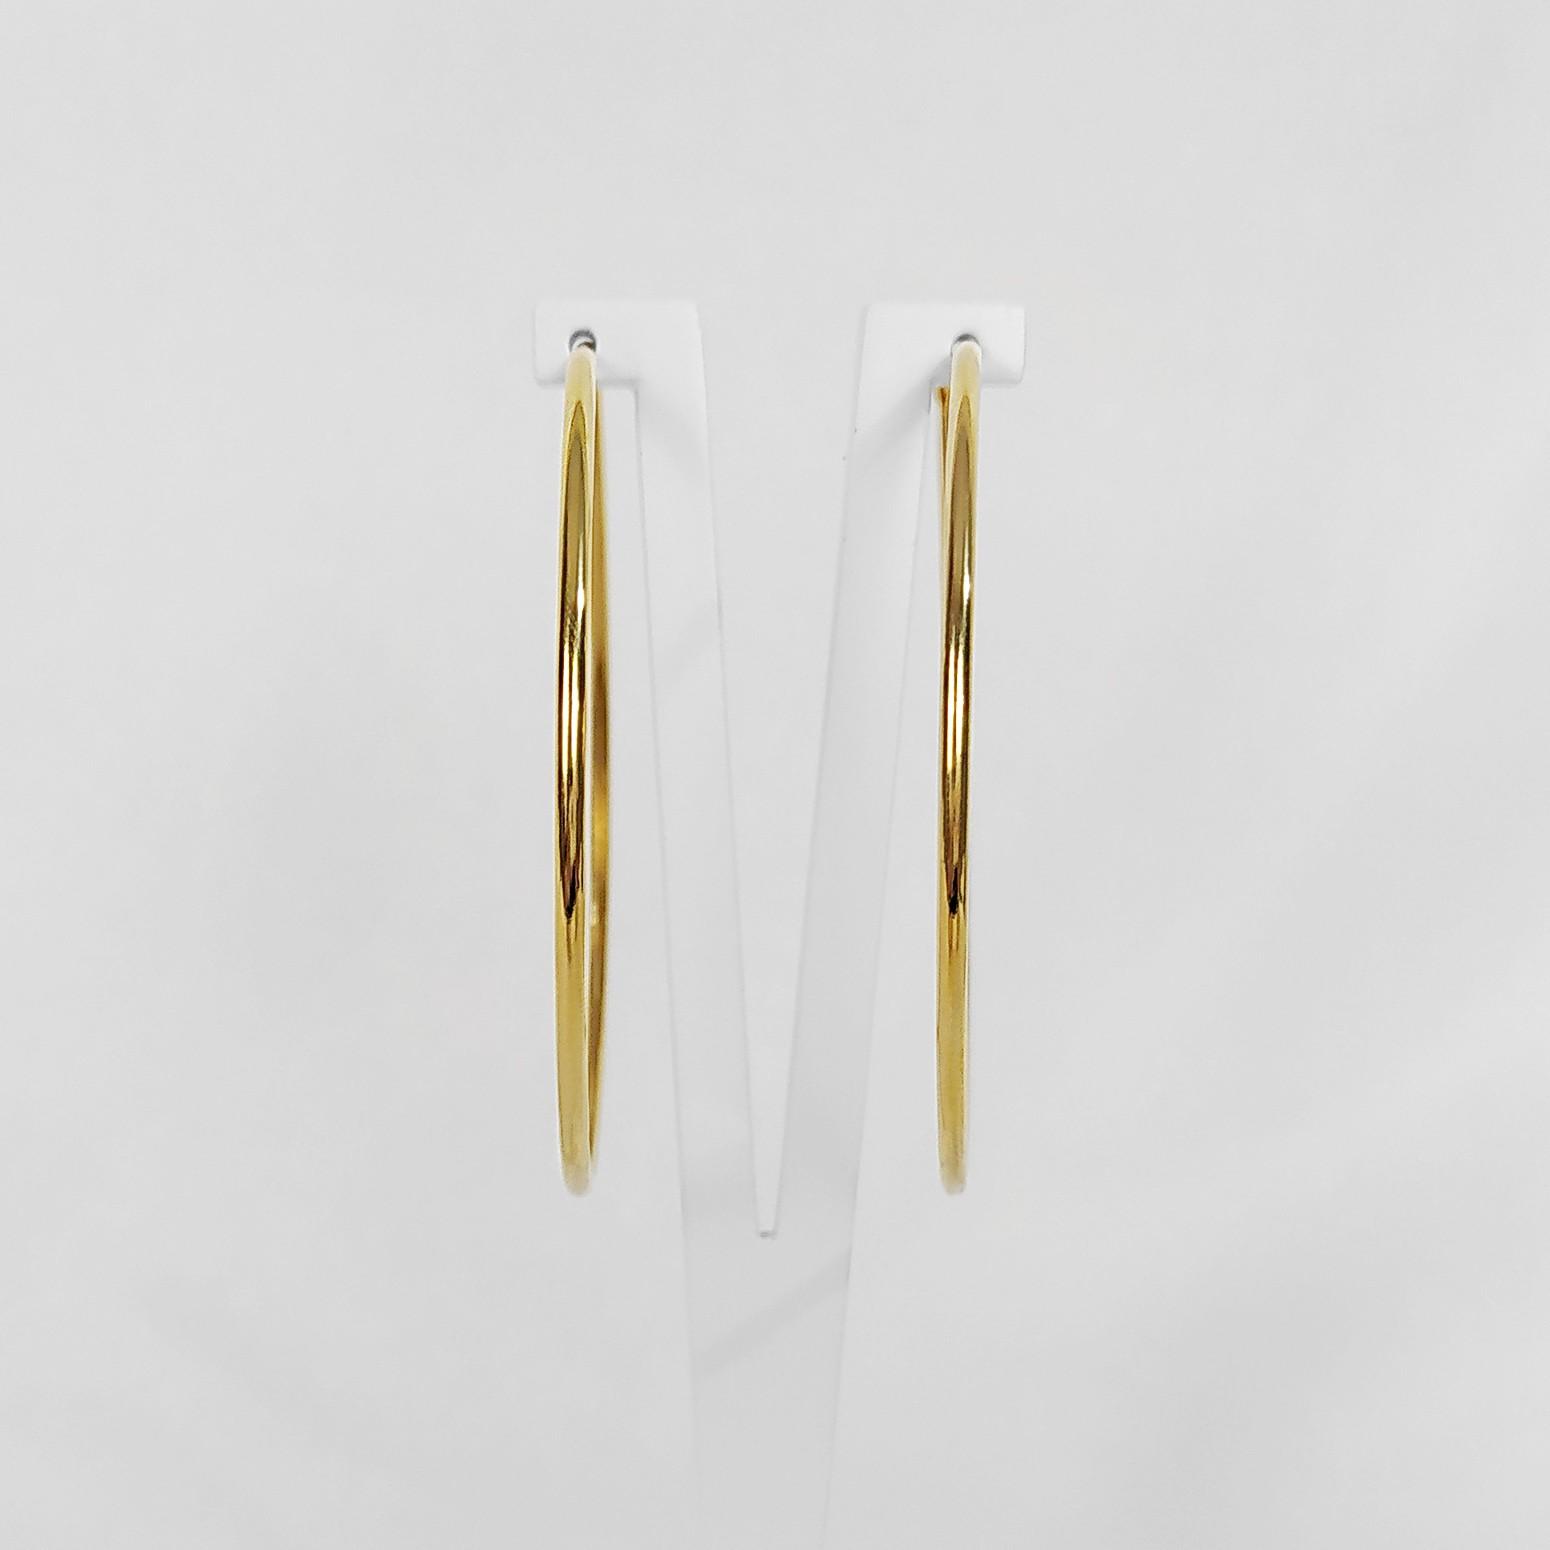 Brinco Argola Fina Lisa Fechada 5,5cm Folheado Ouro 18K